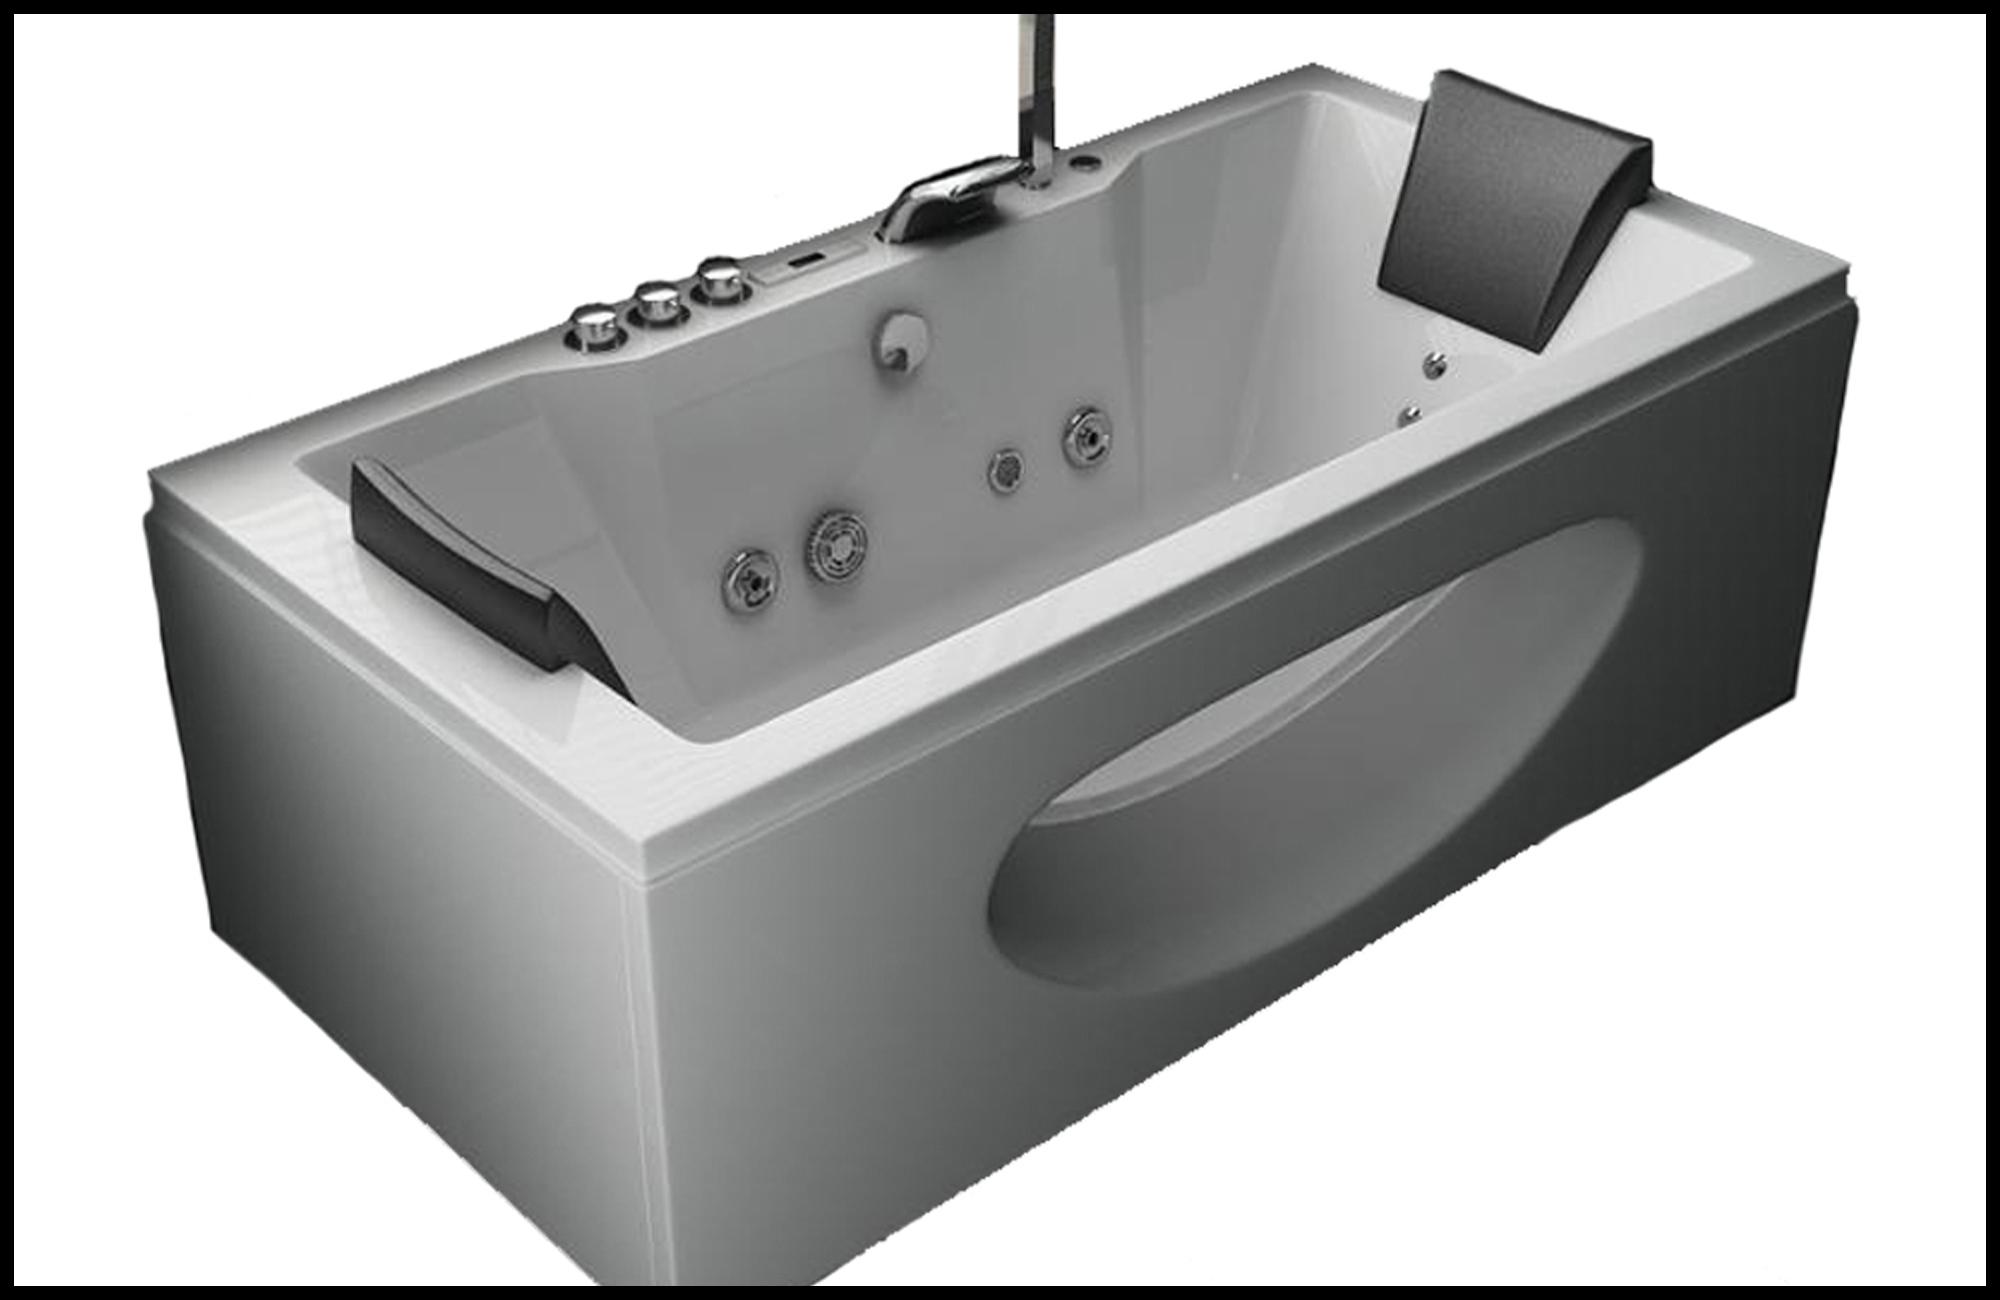 Baignoire Ceramique Pas Cher baignoire balnéo pas cher à prix direct usine - www.ouest